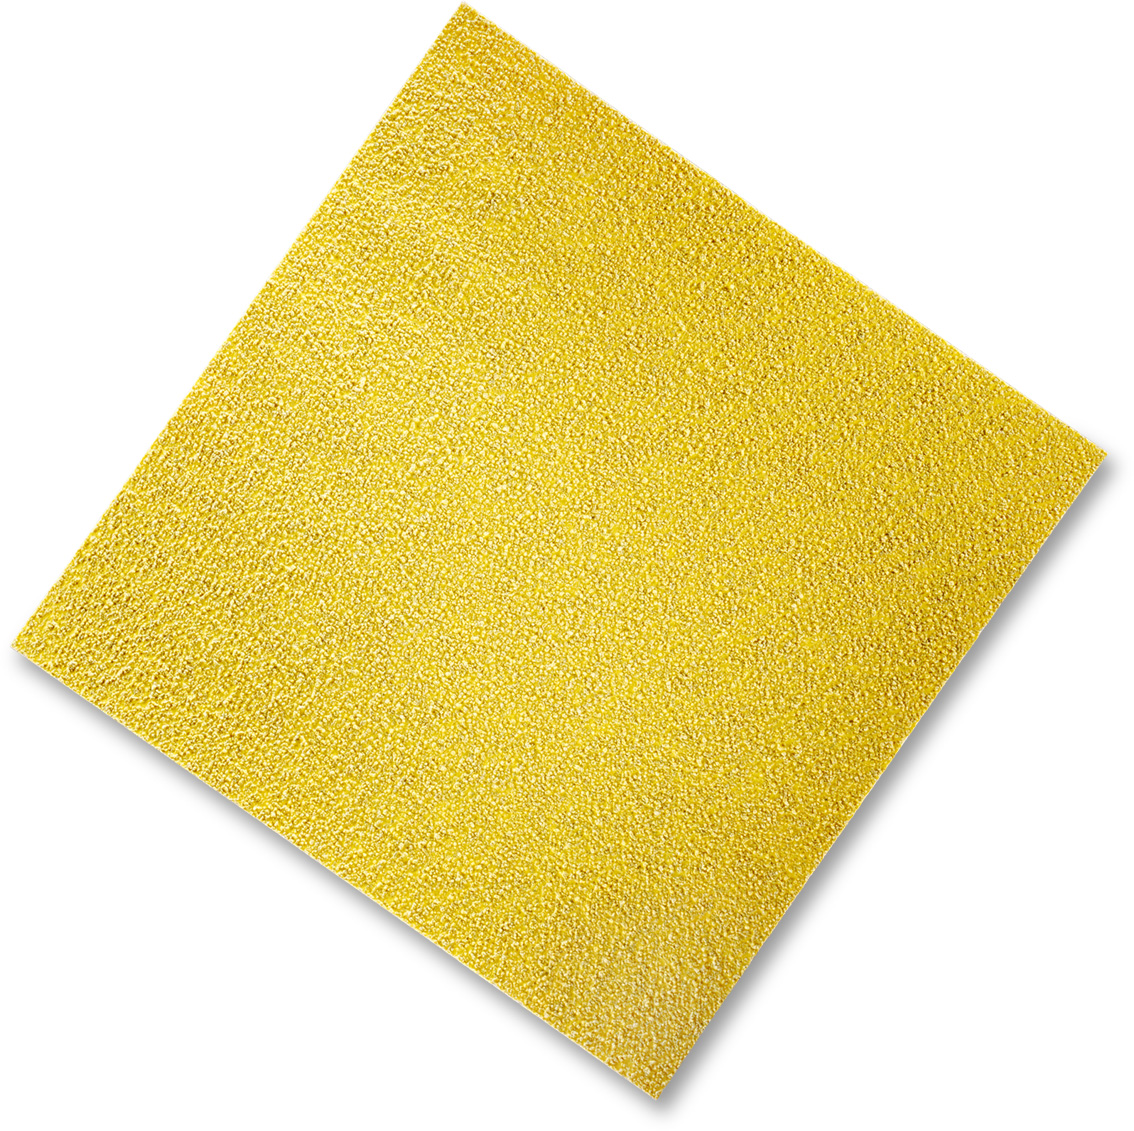 100x SIA Schleifpapier Schleifstreifen Schleifbogen siarexx 115x115 mm Korn 120 | 8166.0152.0120